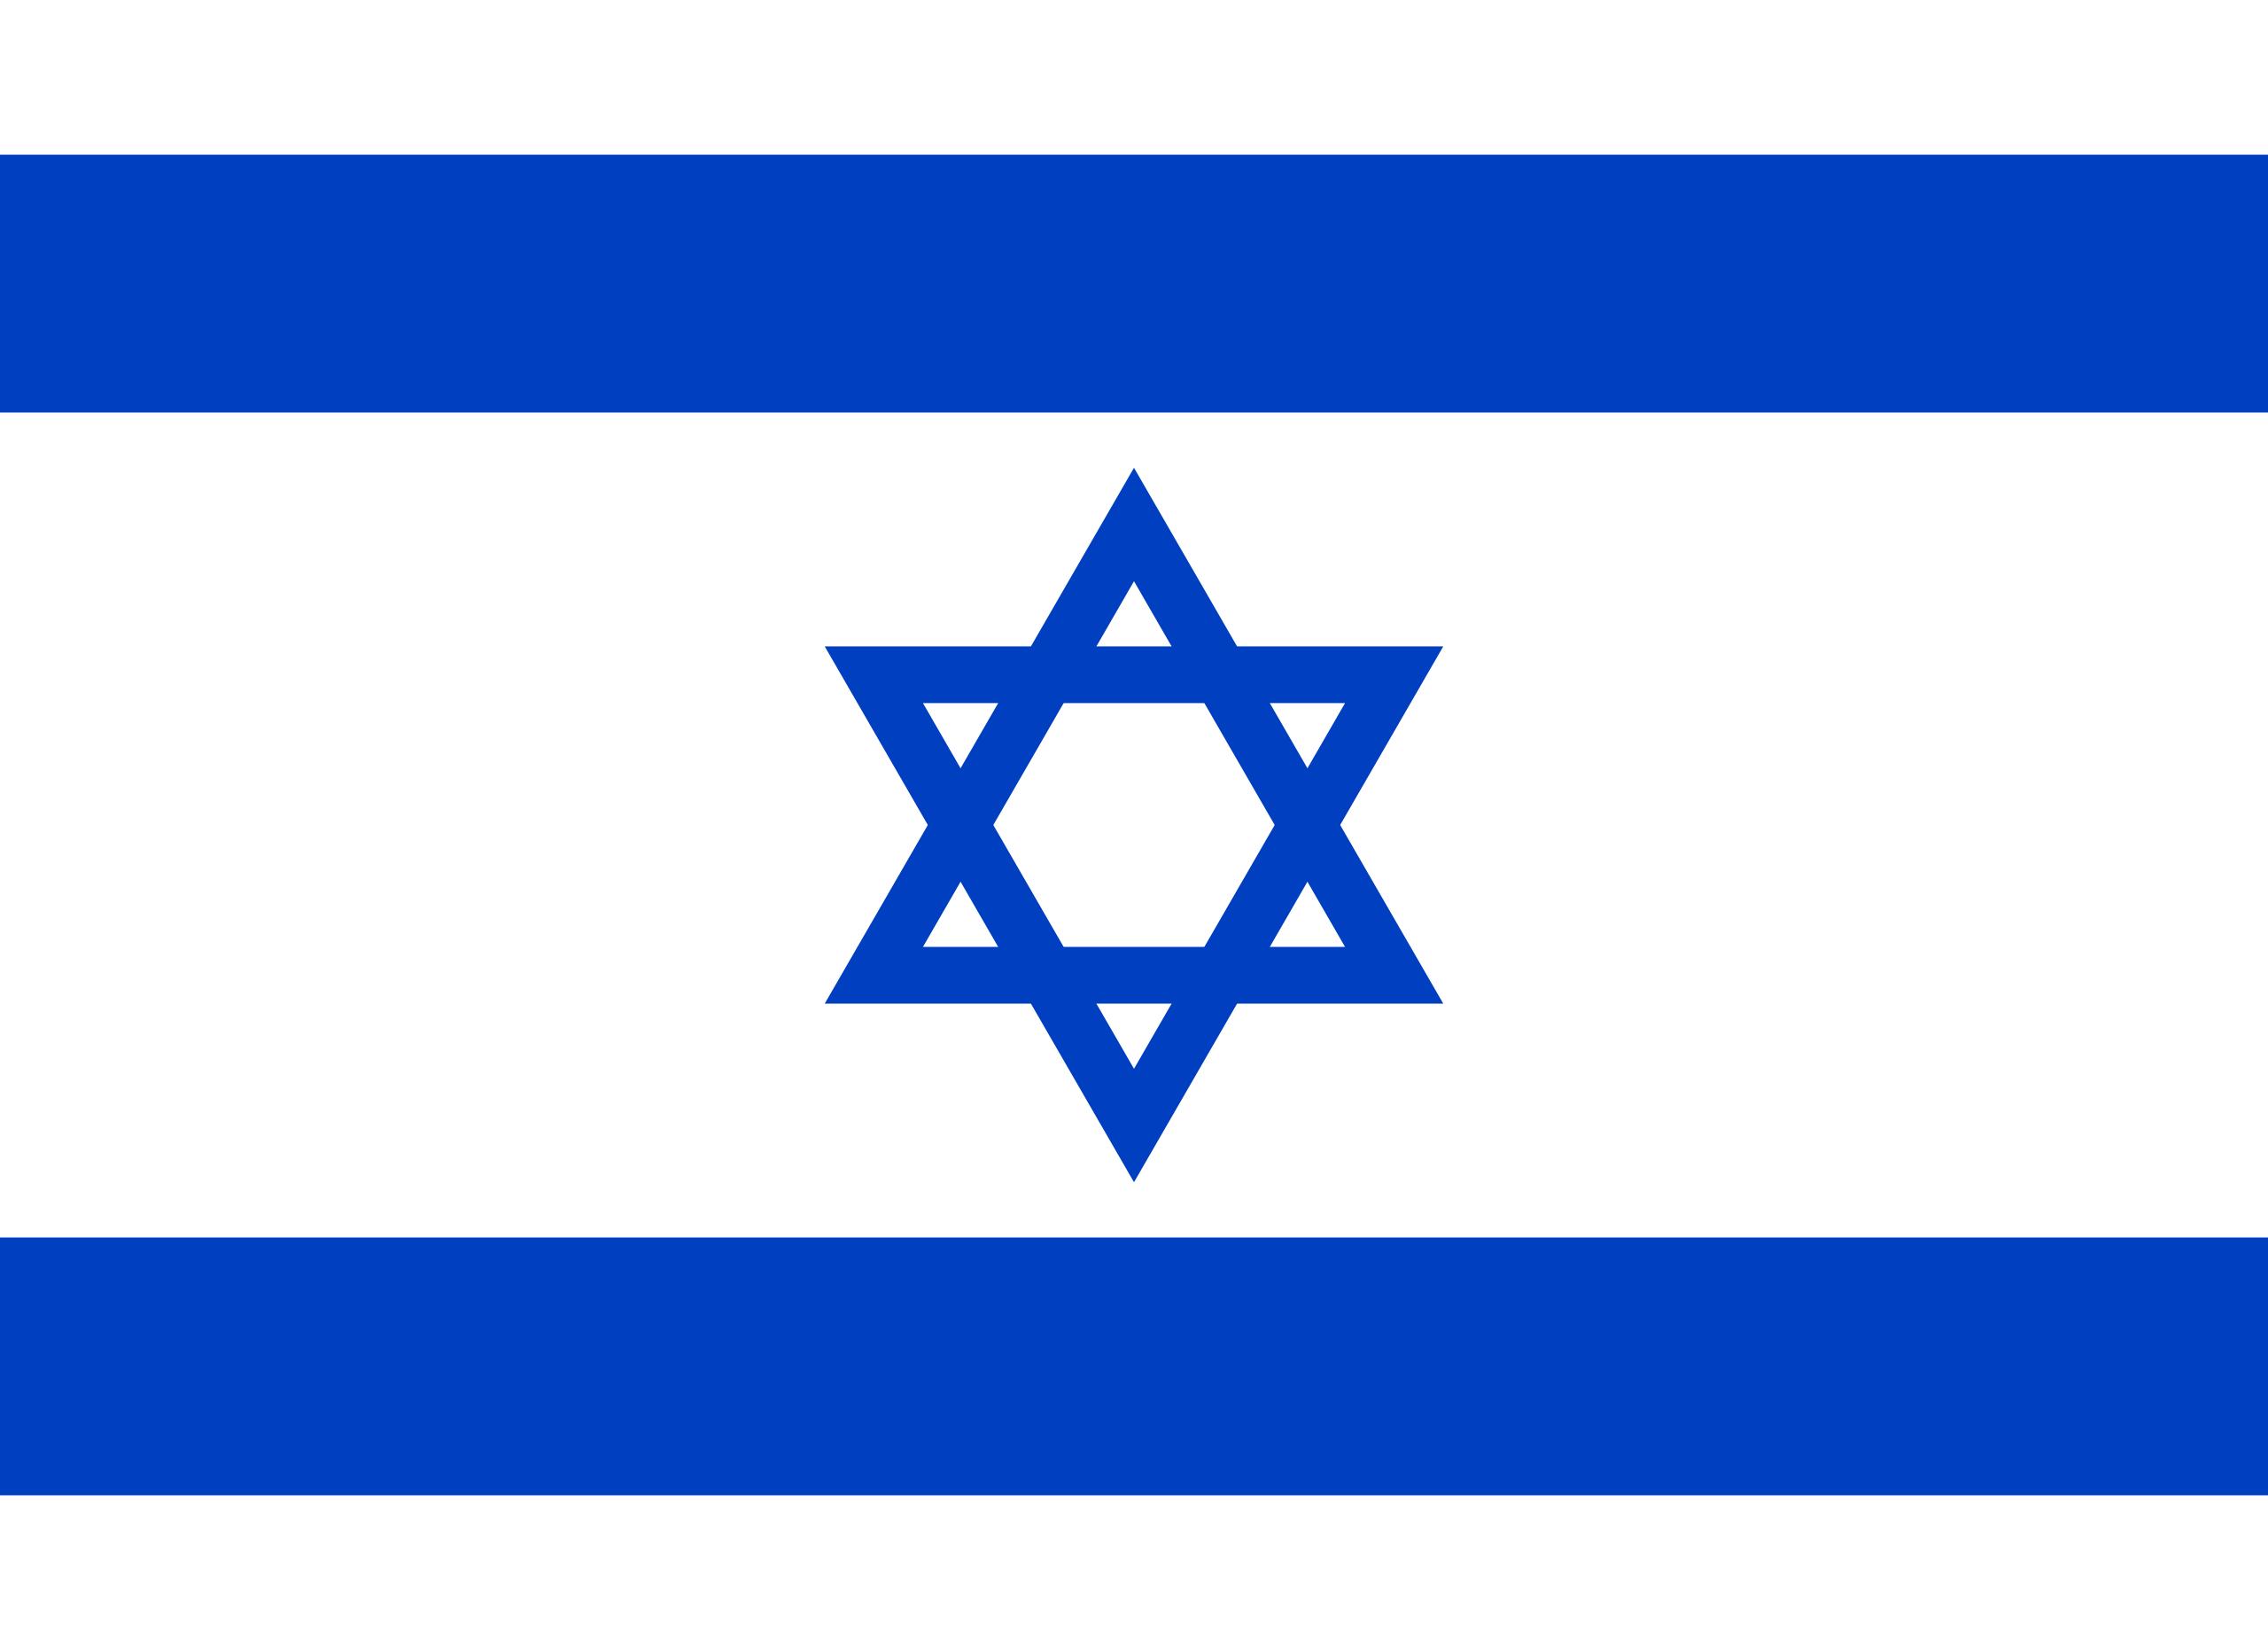 israel, Land, Emblem, Logo, Symbol - Wallpaper HD - Prof.-falken.com